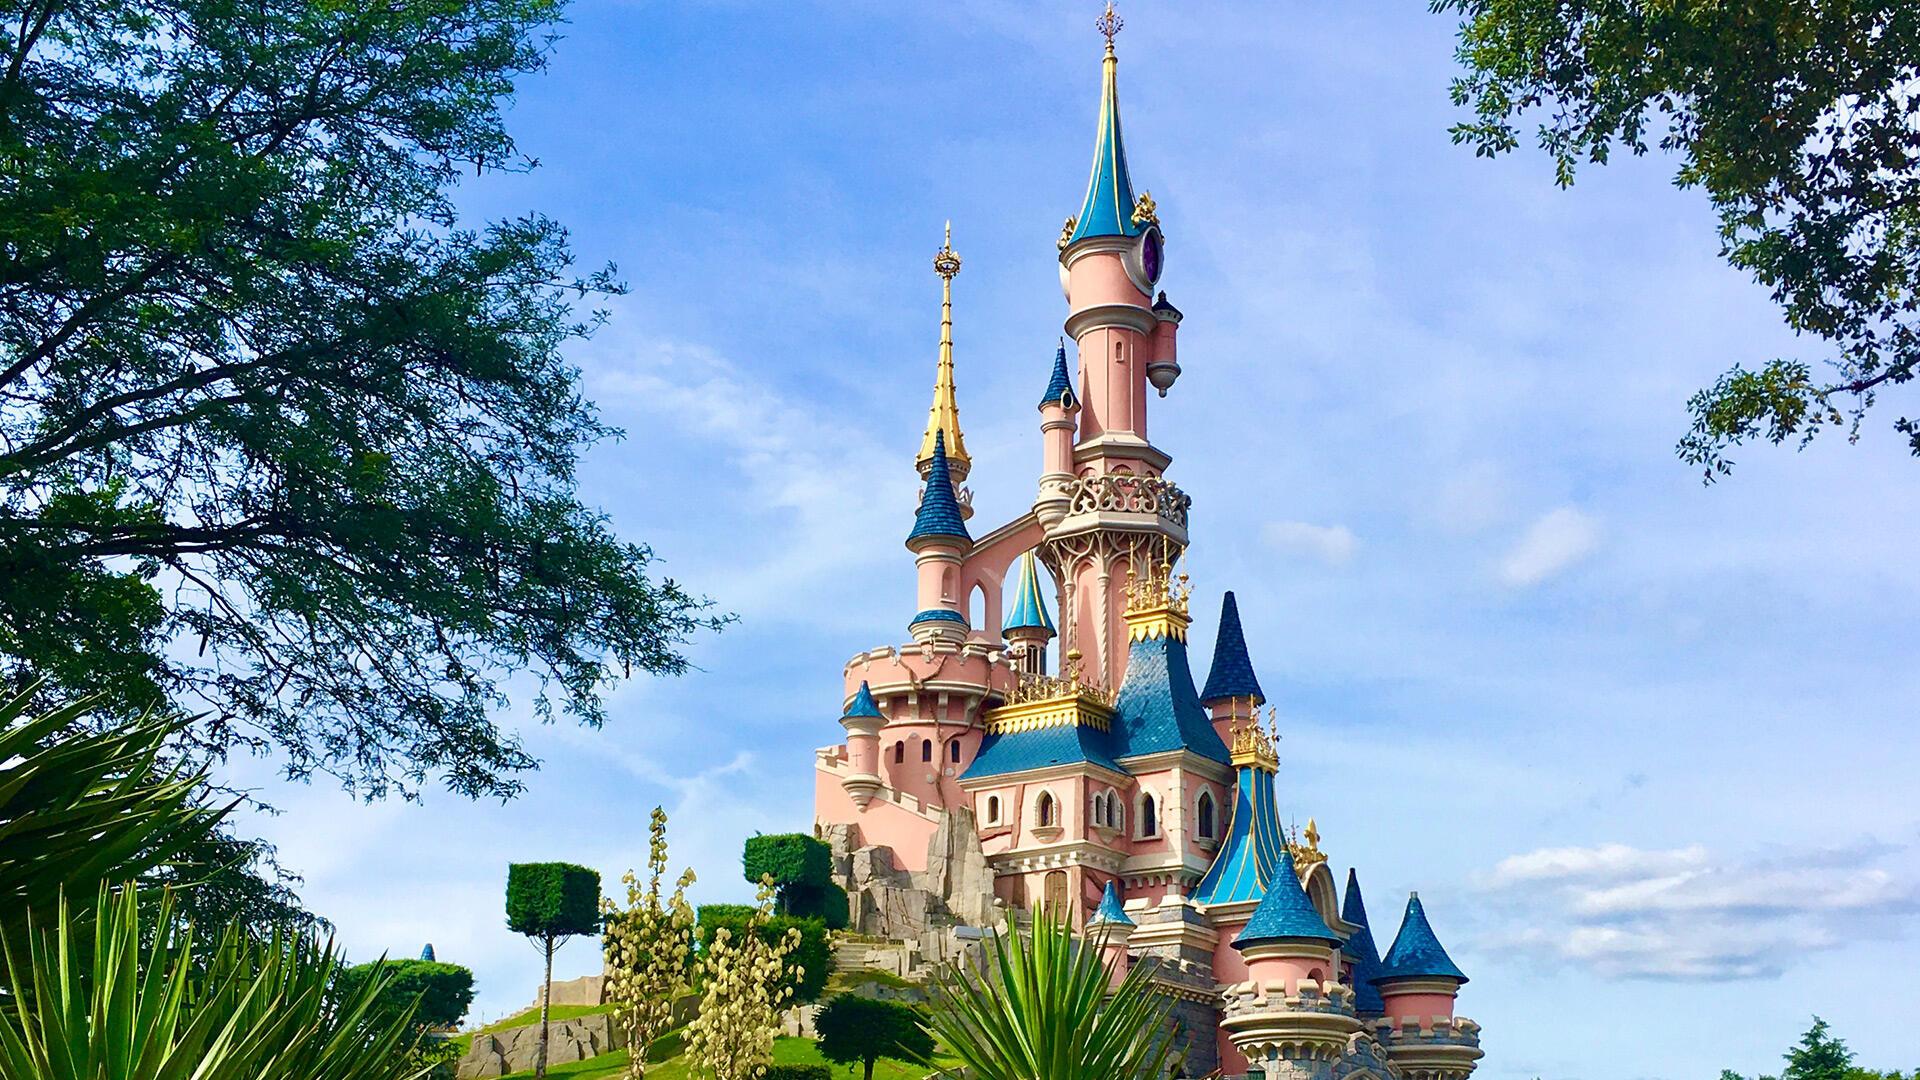 Le château de Disneyland Paris, symbole du parc d'attraction de Marne-la-Vallée.